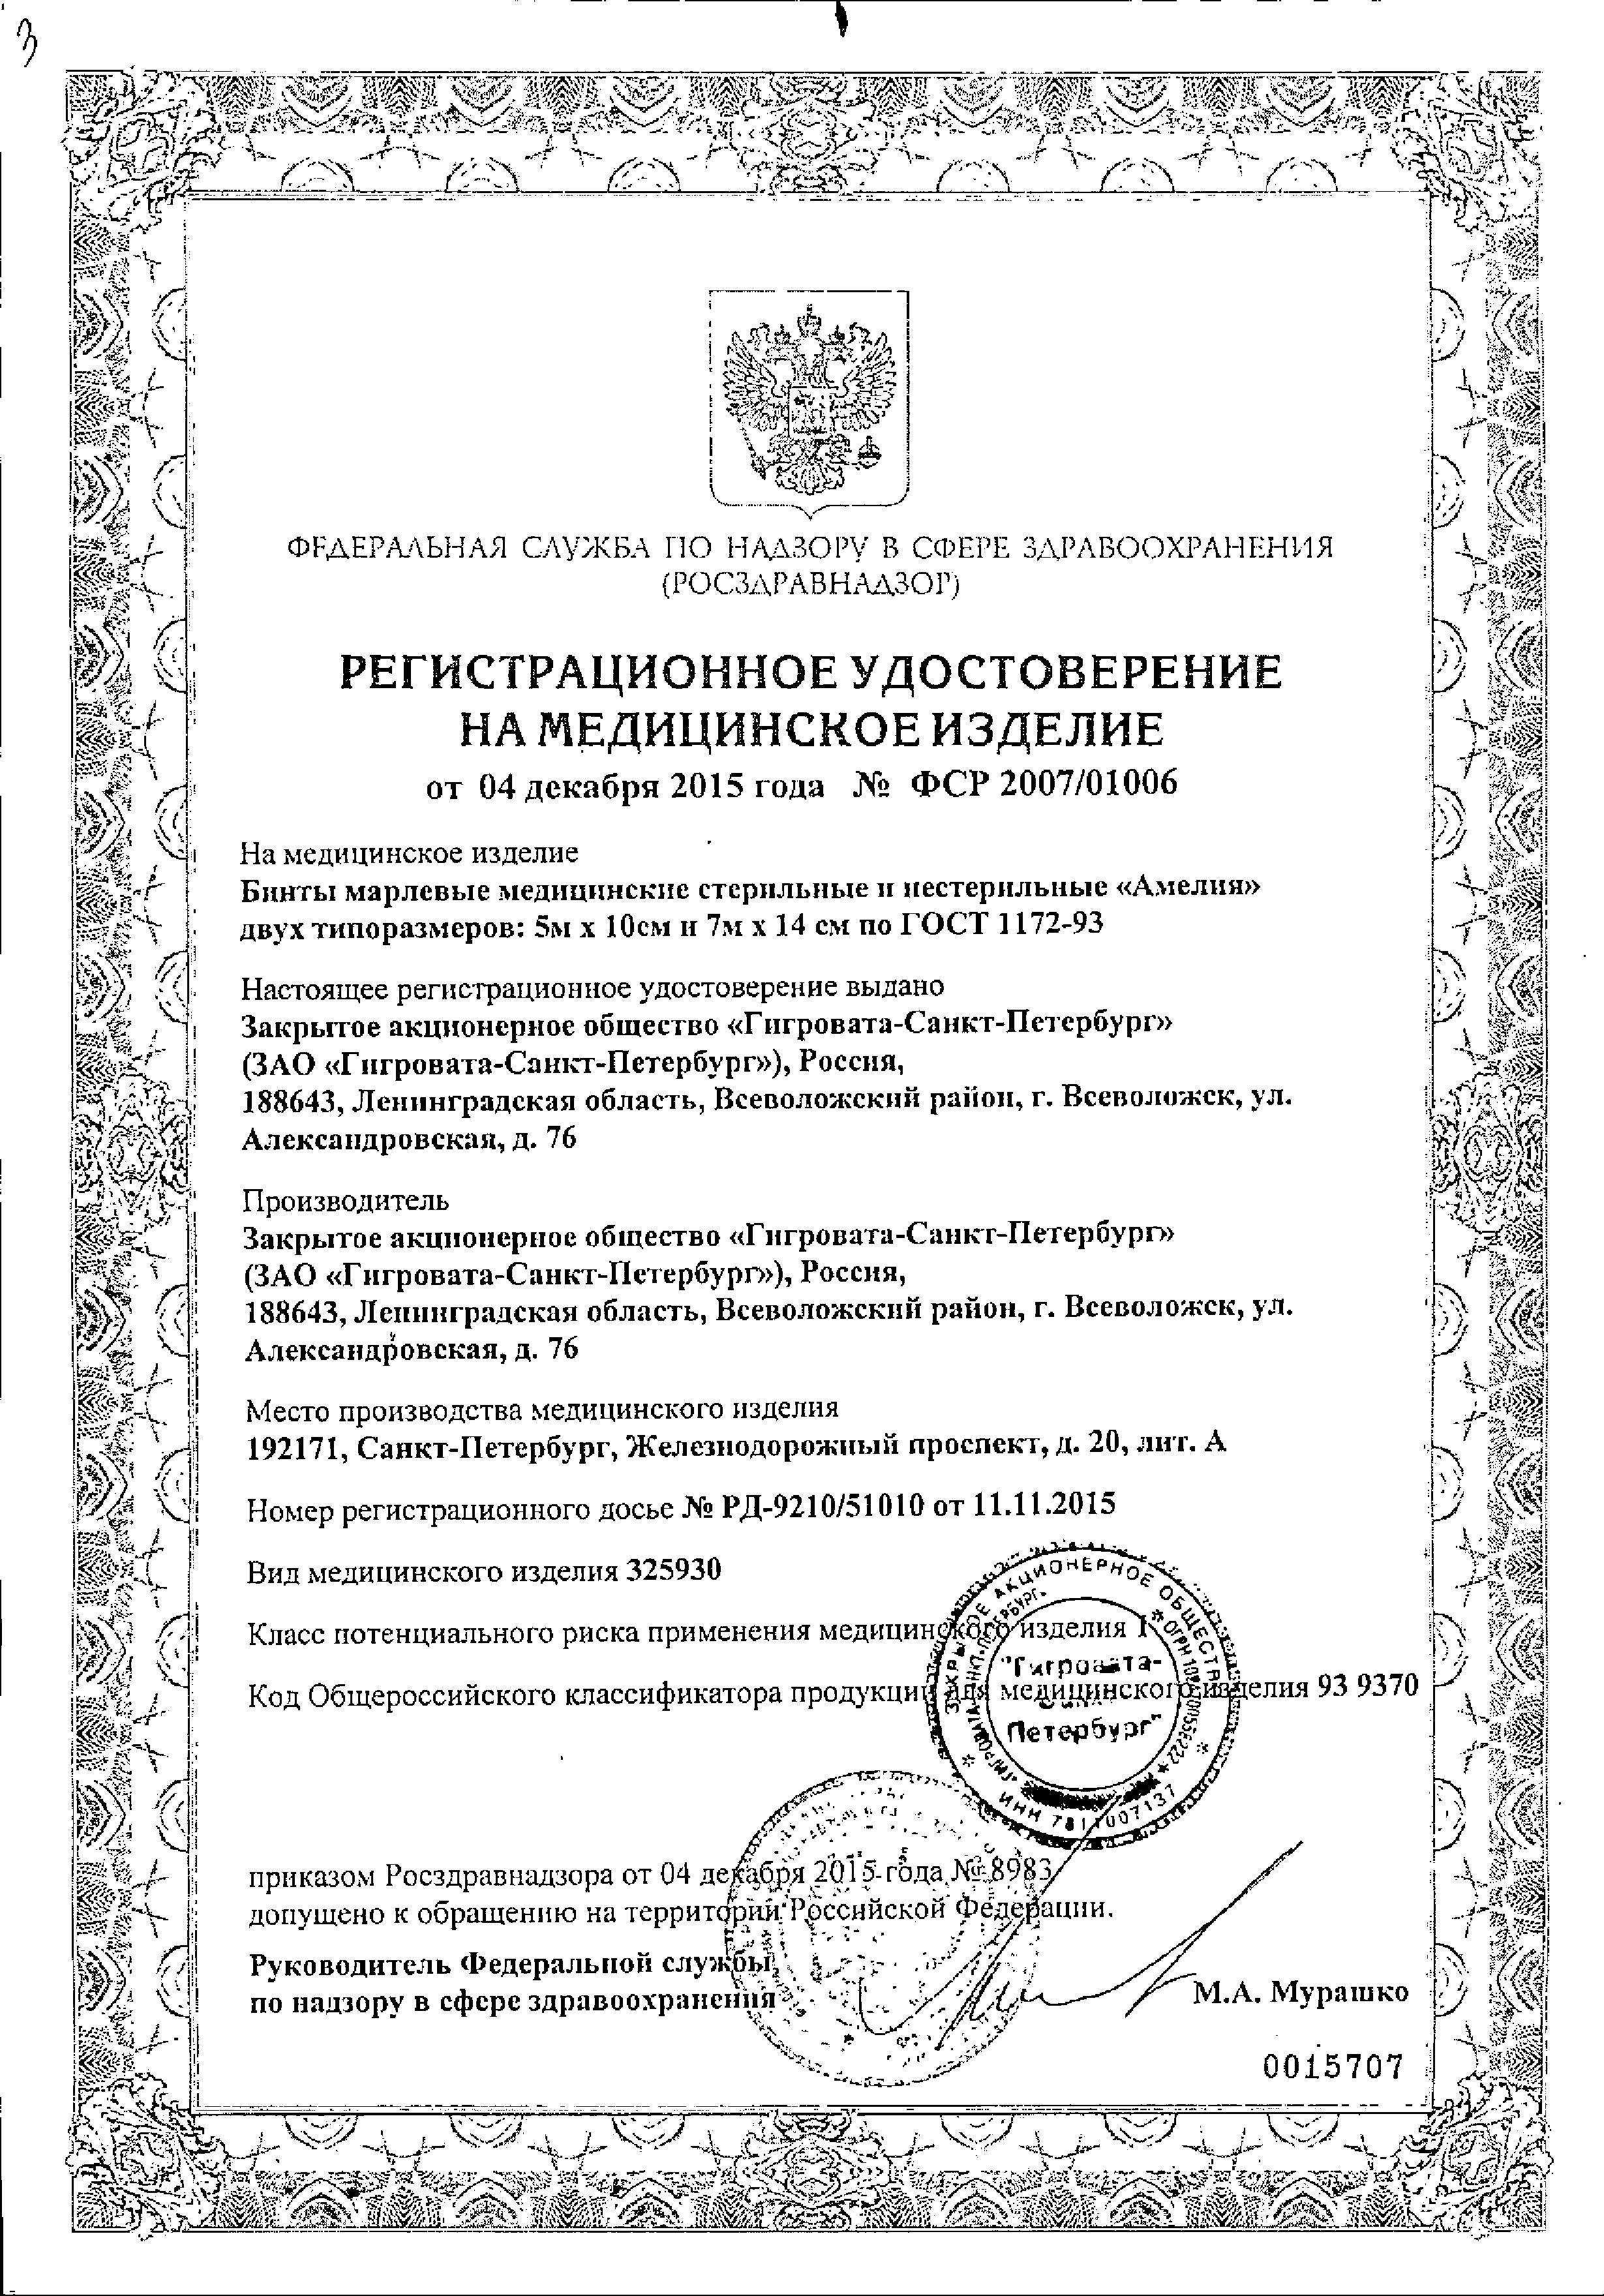 Бинты марлевые медицинские стерильные Амелия сертификат